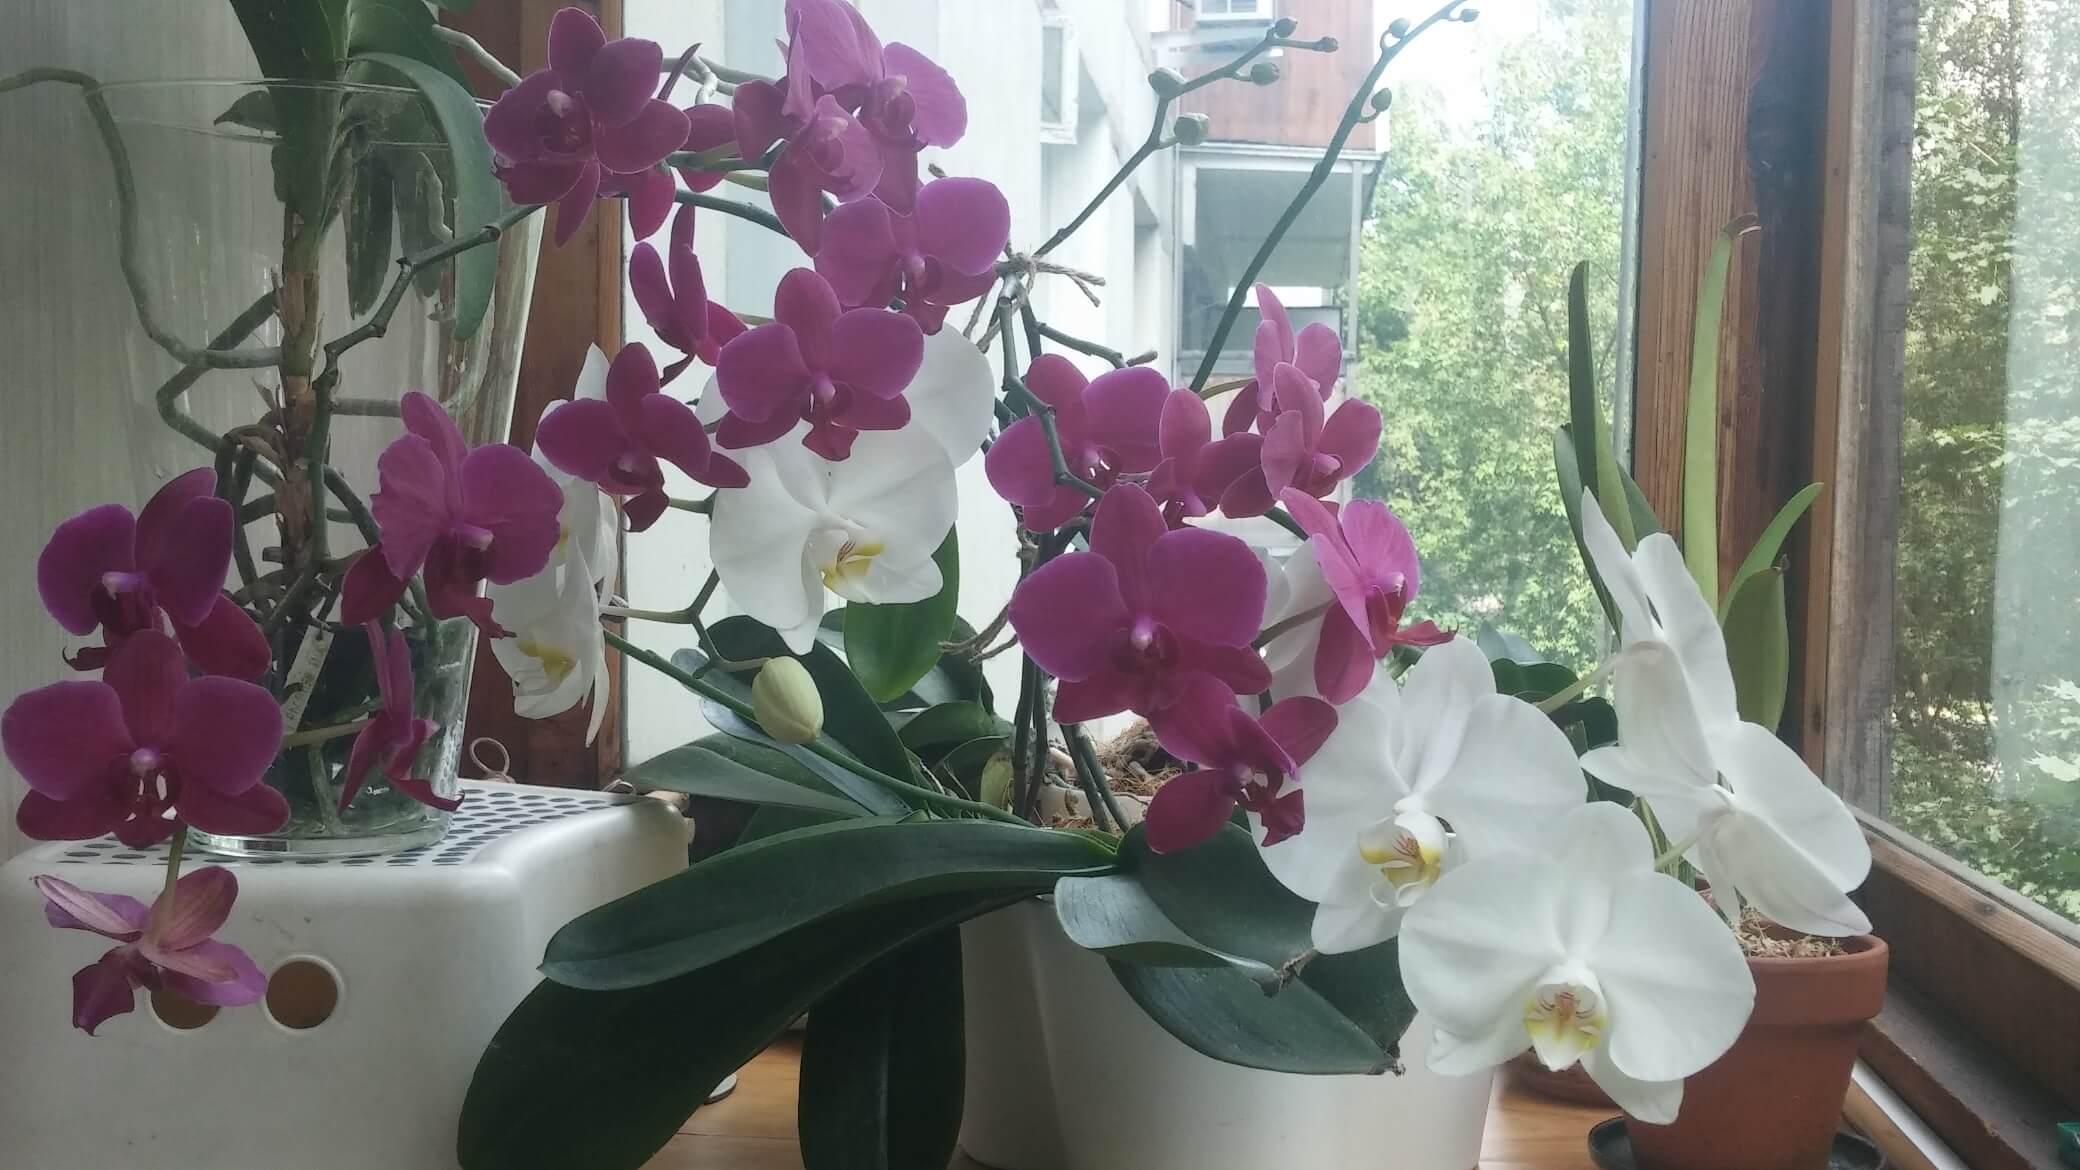 Главный вопрос: какая орхидея самая неприхотливая для квартиры, дома?